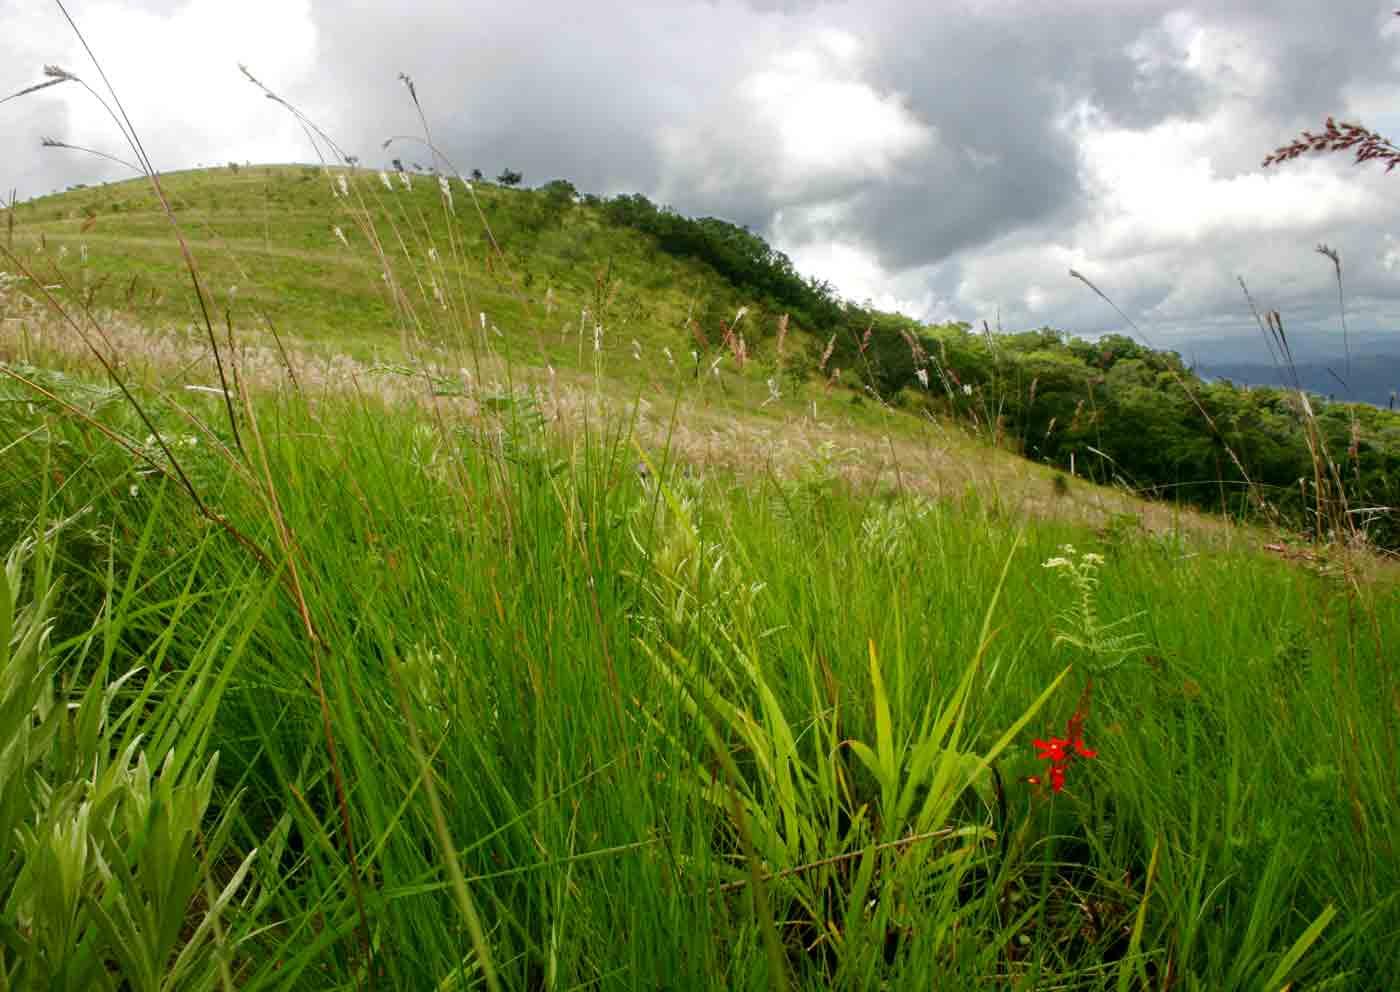 Striga elegans among the grasses